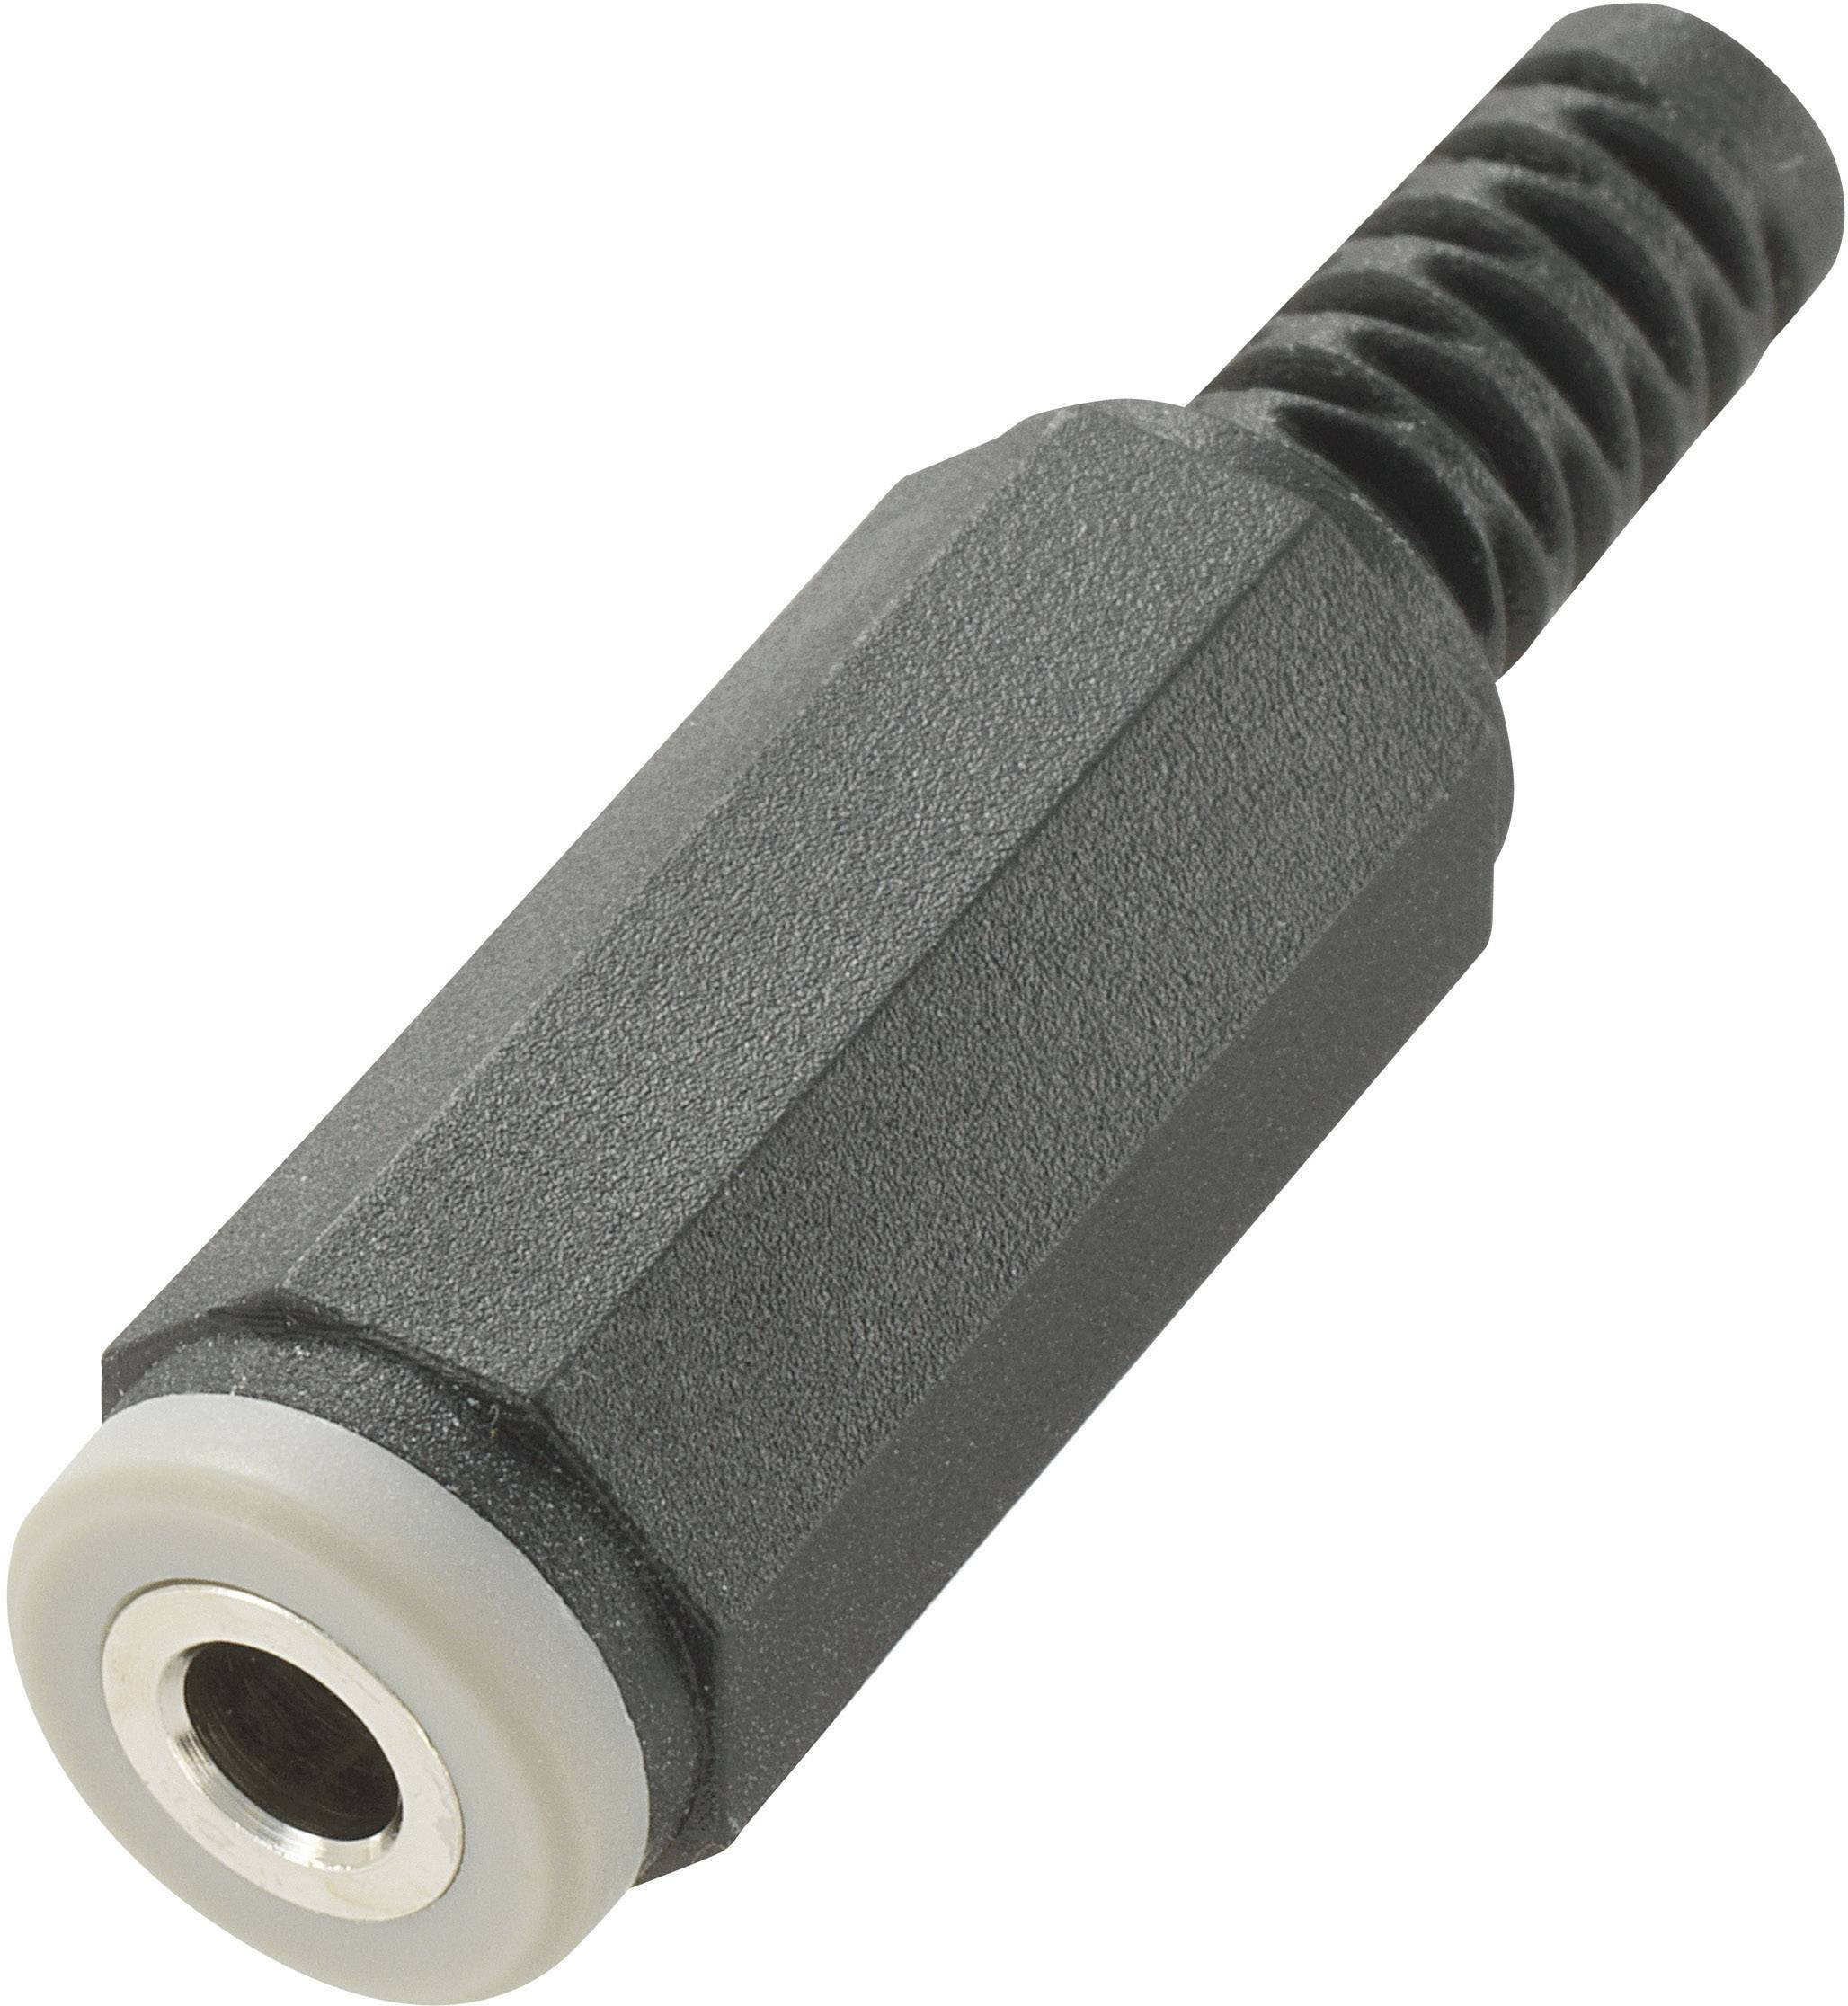 Jack konektor 3.5 mm stereo zásuvka, rovná Conrad Components 4, čierna, 1 ks